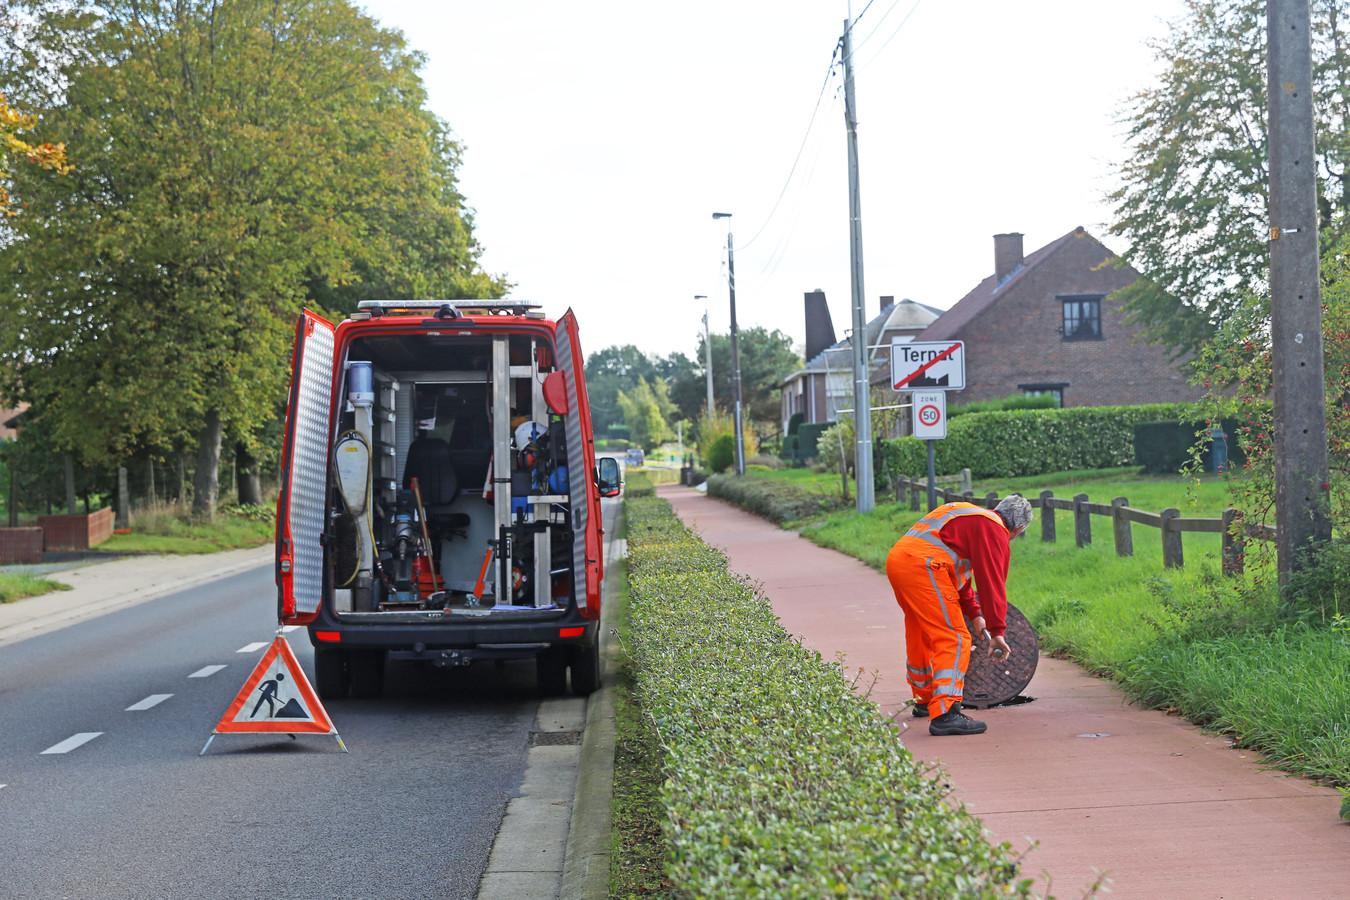 Een gespecialiseerd aannemer is begonen met het inspecteren van de riolering in de Brusselstraat.